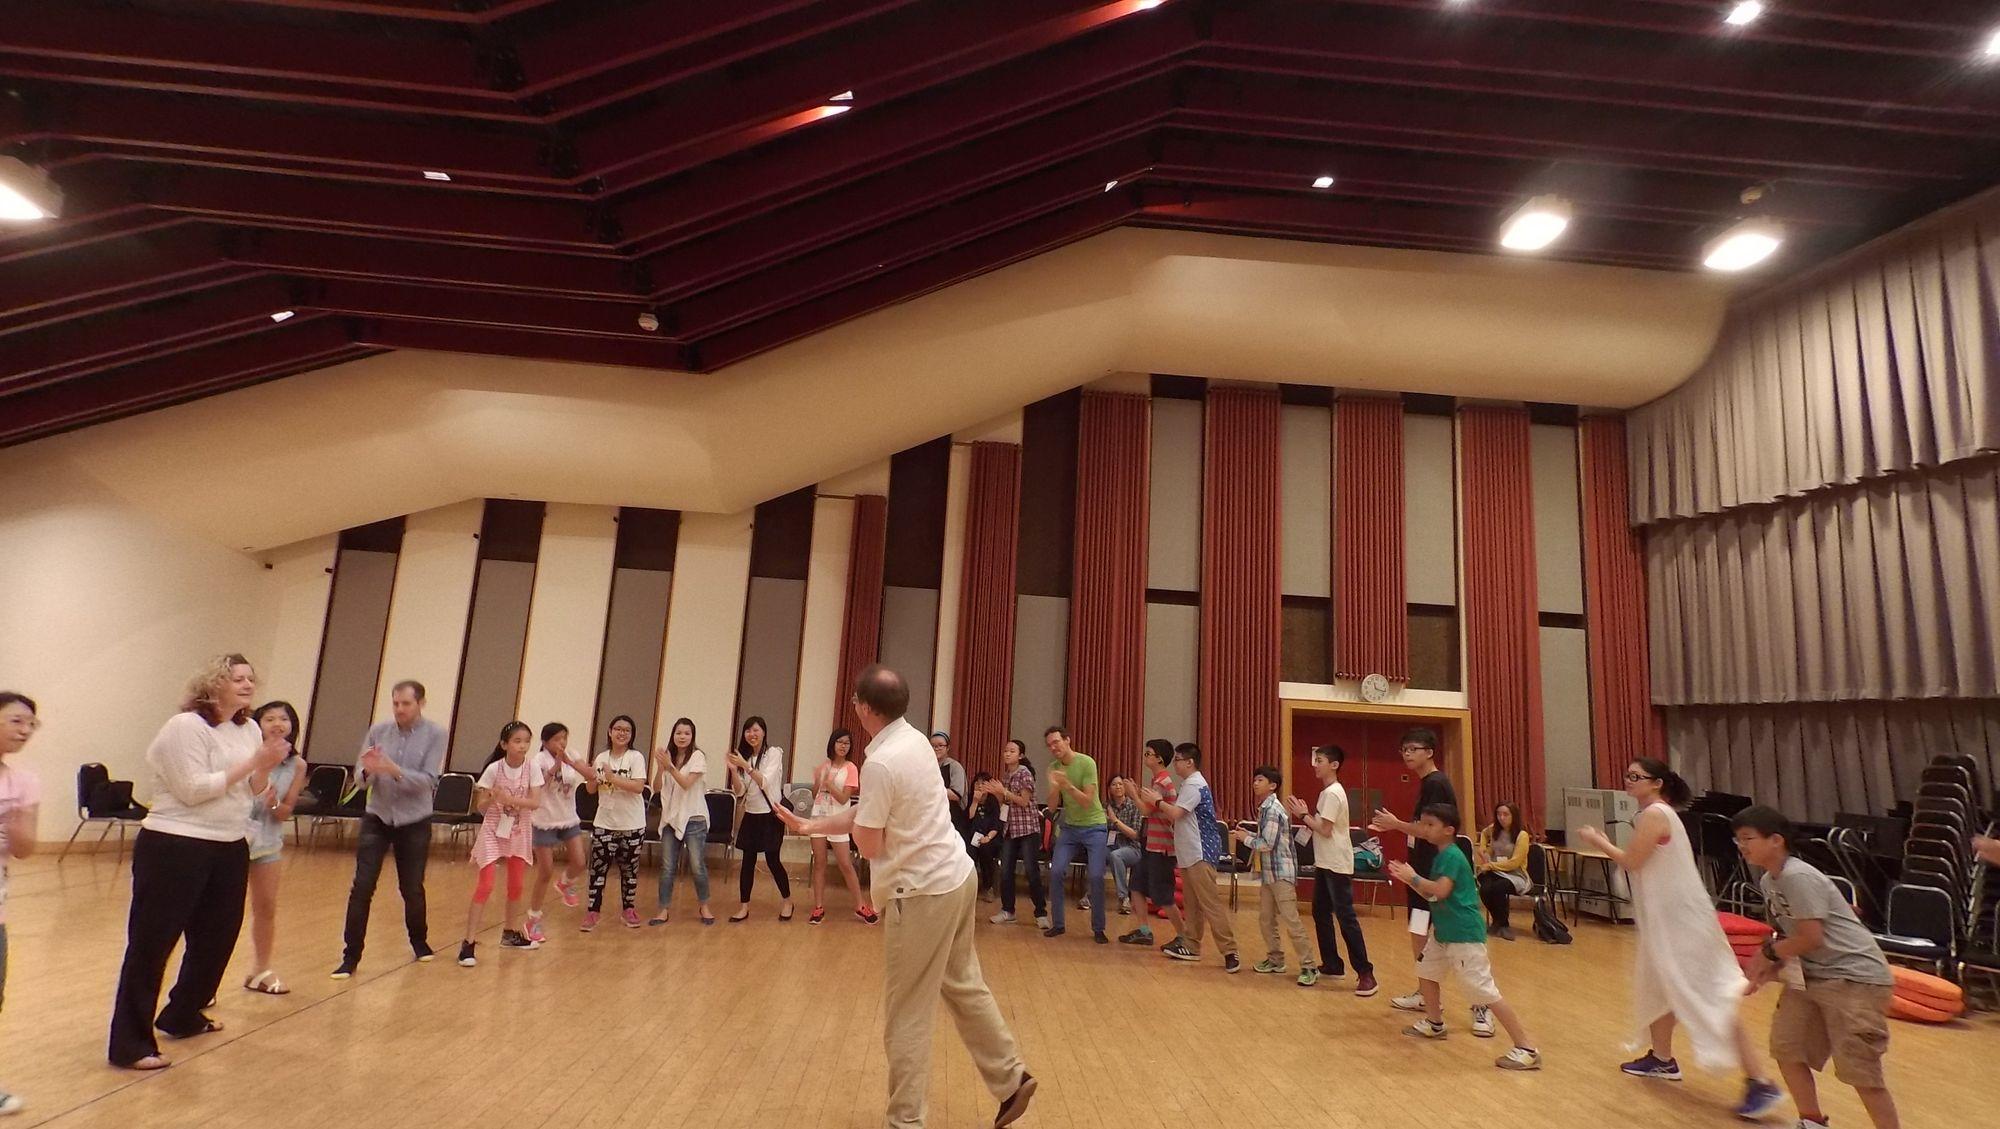 聽障音樂家惠特格 (Paul Whittaker) 以節奏遊戲熱身,同學手舞足蹈表現他們的音樂感。